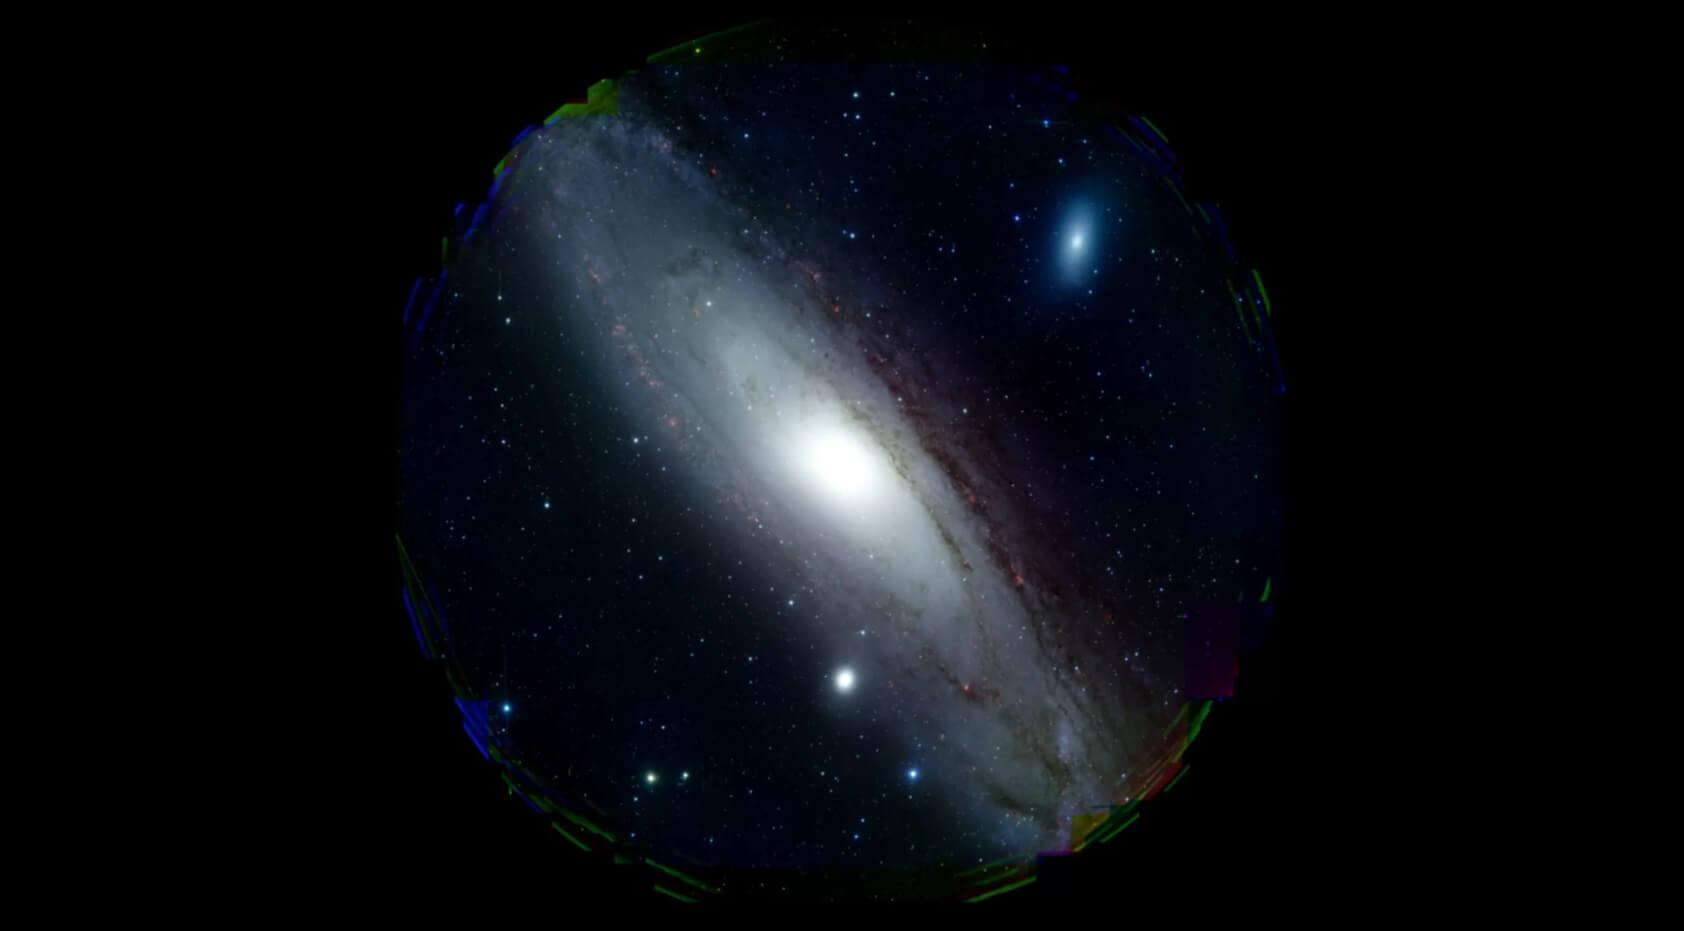 Исследование японских ученых пошатнуло теорию Стивена Хокинга о темной материи